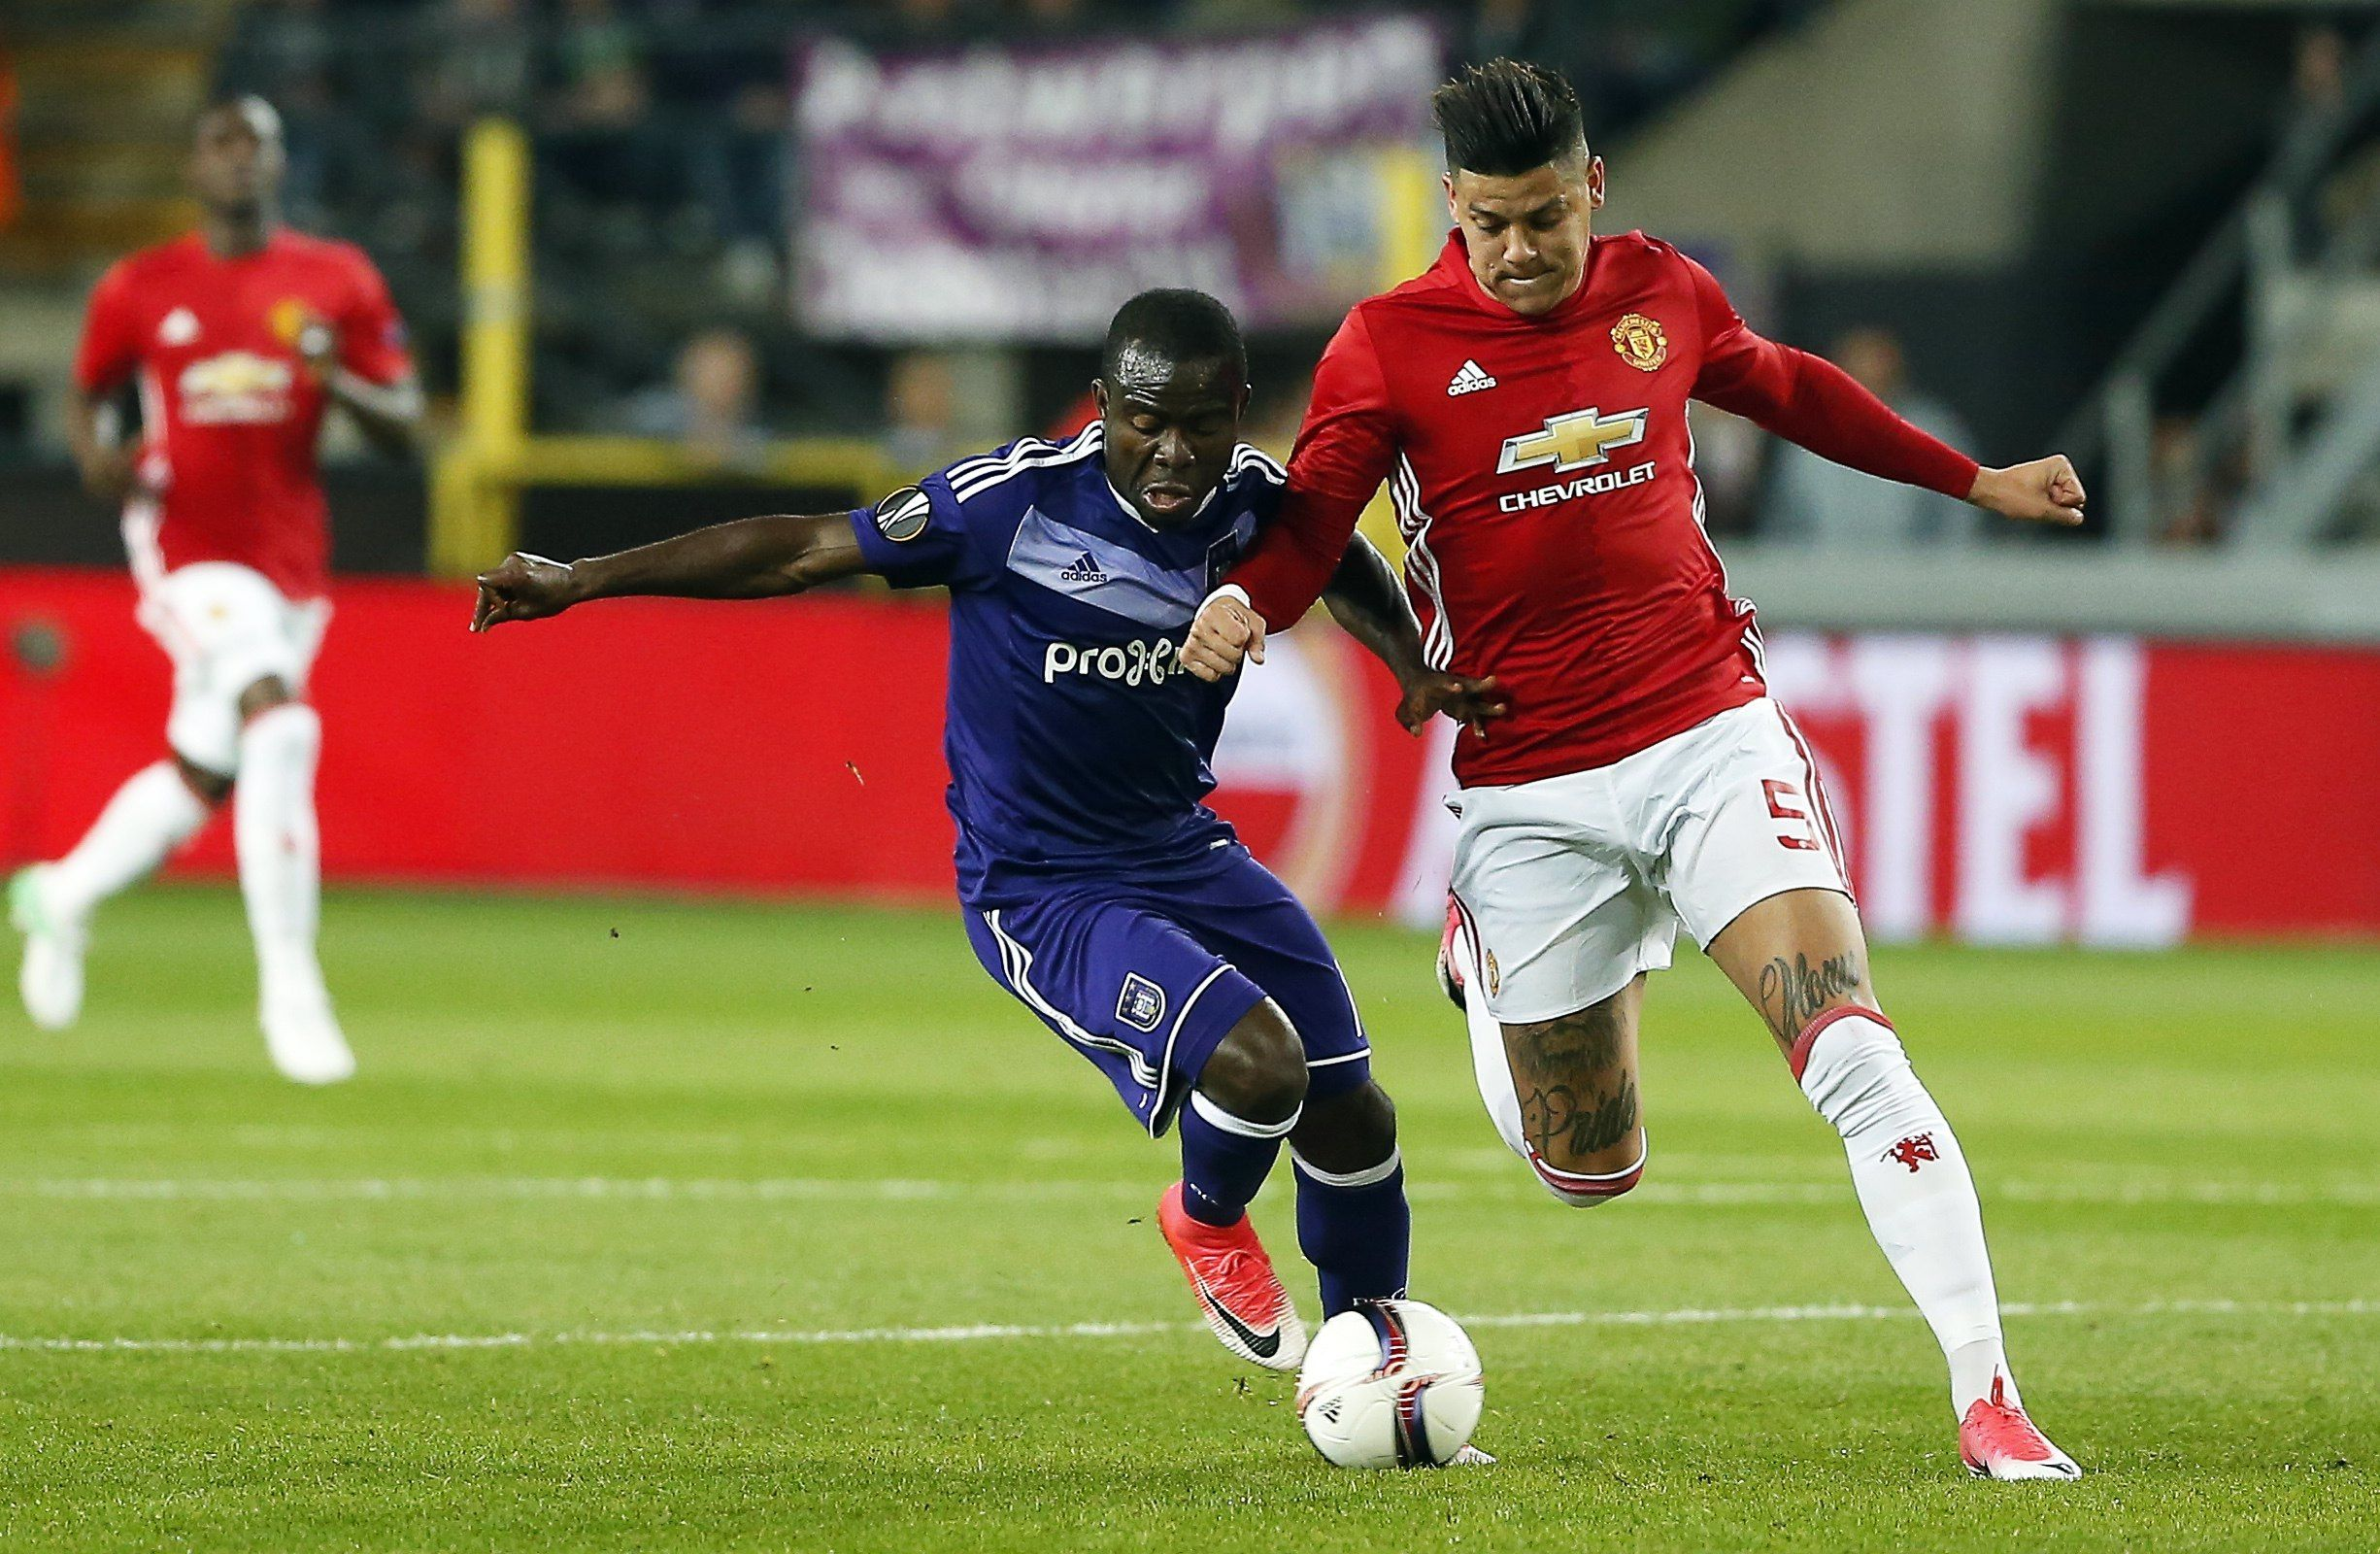 El argentino Rojo, luchando contra un rival del Anderlecht<br>